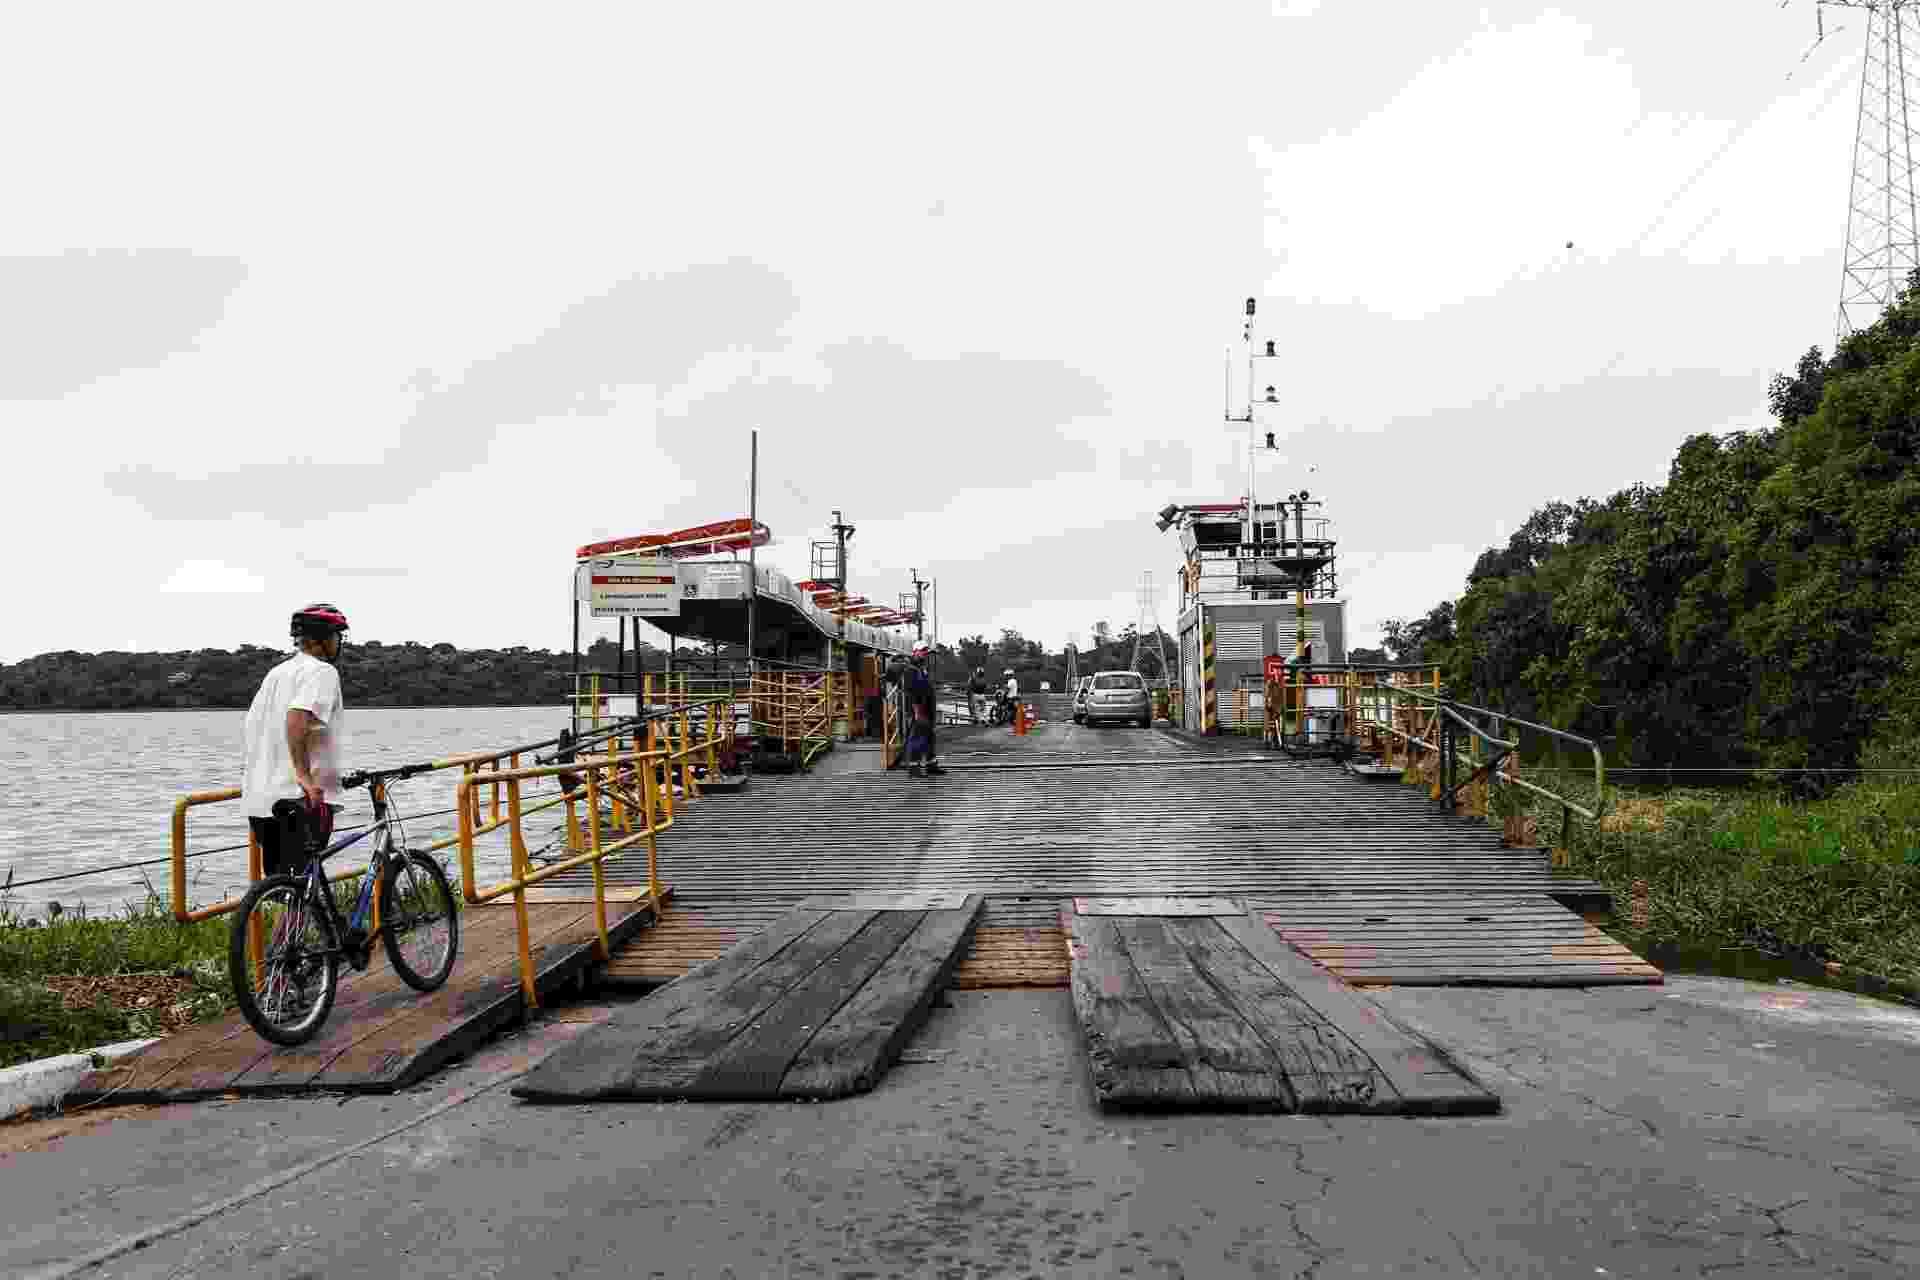 17.mar.2017 - A Ilha do Bororé é um bairro localizado no extremo sul de São Paulo, a cerca de 30 km do centro da cidade, e fica dentro da APA (Área de Proteção Ambiental) Bororé-Colônia. O caminho mais fácil para acessá-lo é pelo bairro Grajaú, de onde sai uma balsa, que é gratuita. A embarcação atravessa um curto trecho da represa Billings, e é comum pegar fila, especialmente aos finais de semana de calor - Lucas Lima/UOL